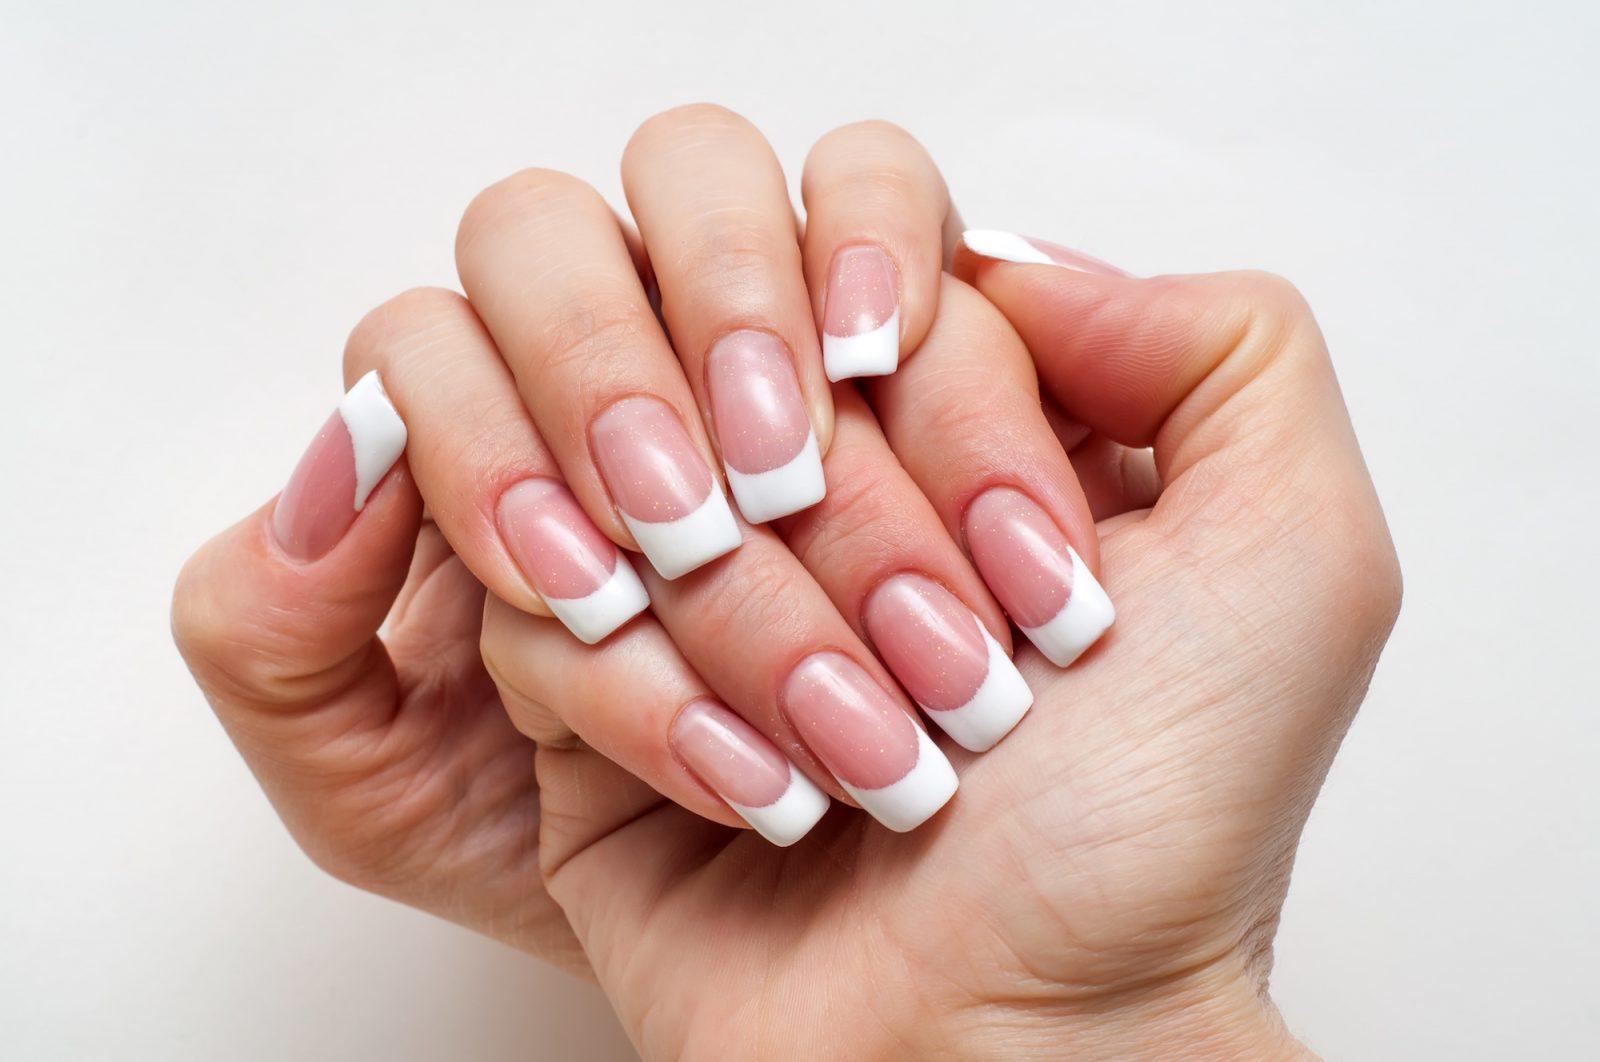 significado según la forma de las uñas